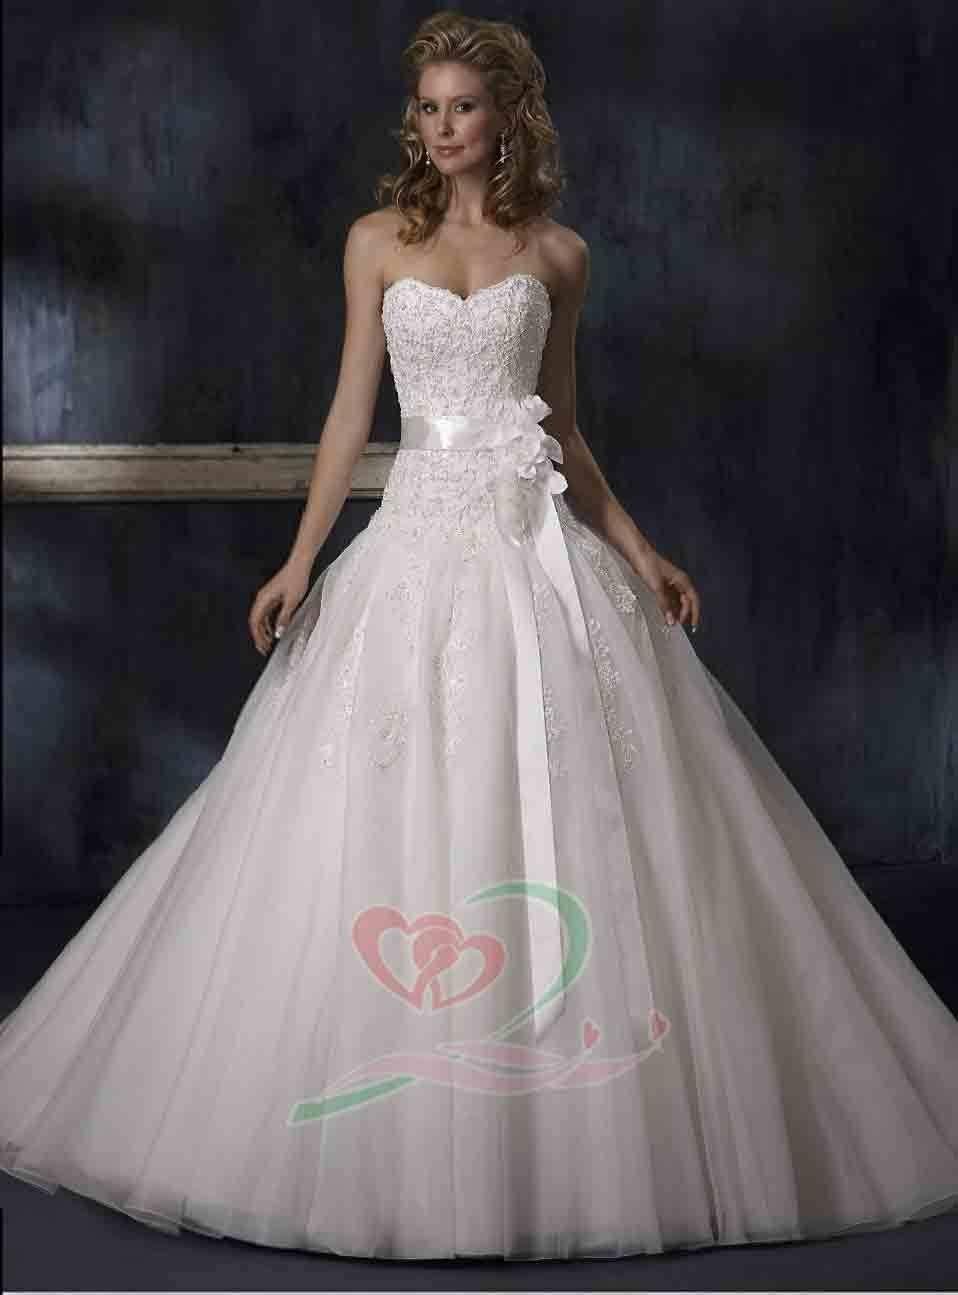 Bridesmaid Dresses Usa - Ocodea.com